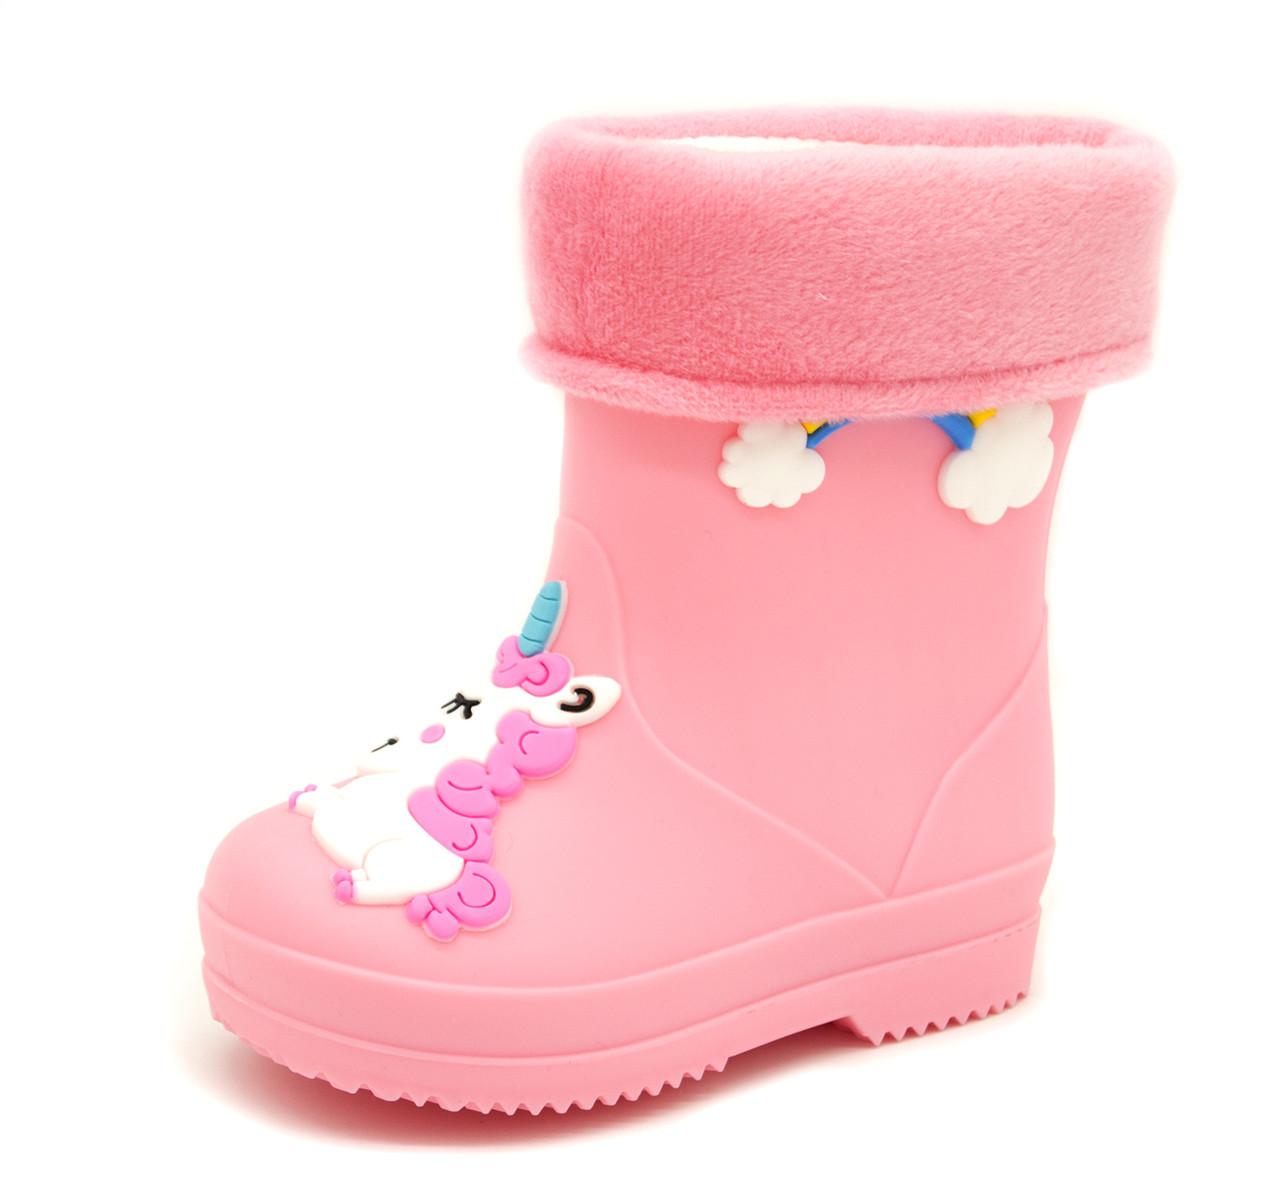 Резиновые сапоги Для девочек Розовый Размеры: 24,25,26,27,28